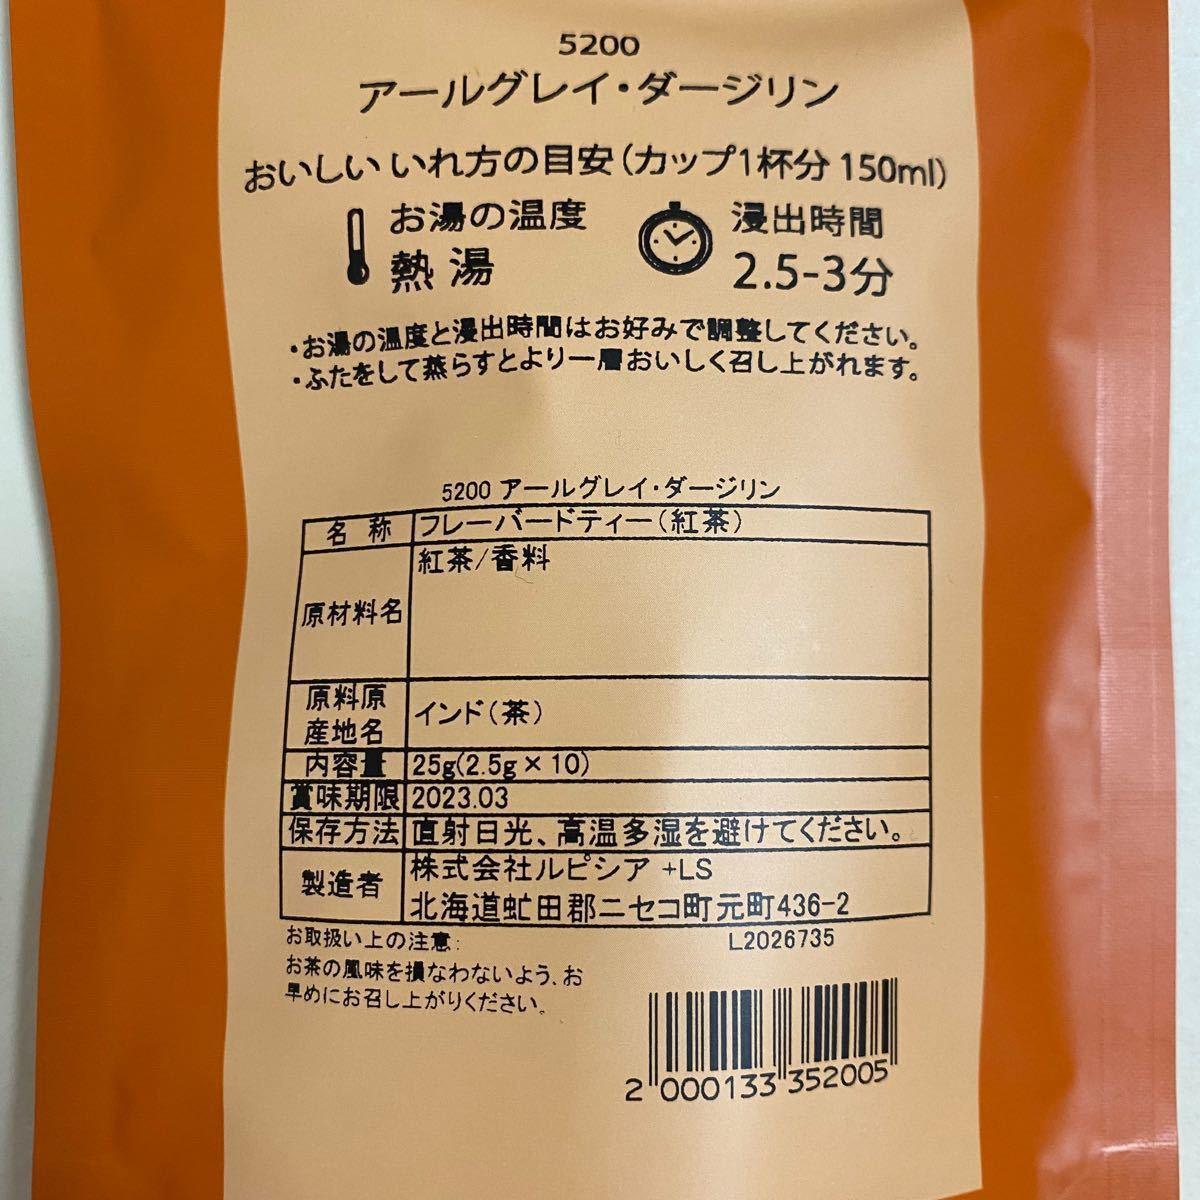 ☆ ルピシア ティーバッグ 3袋☆ 紅茶 アイスティー  アールグレイ ダージリン ベルエポック アッサム・カルカッタオークション